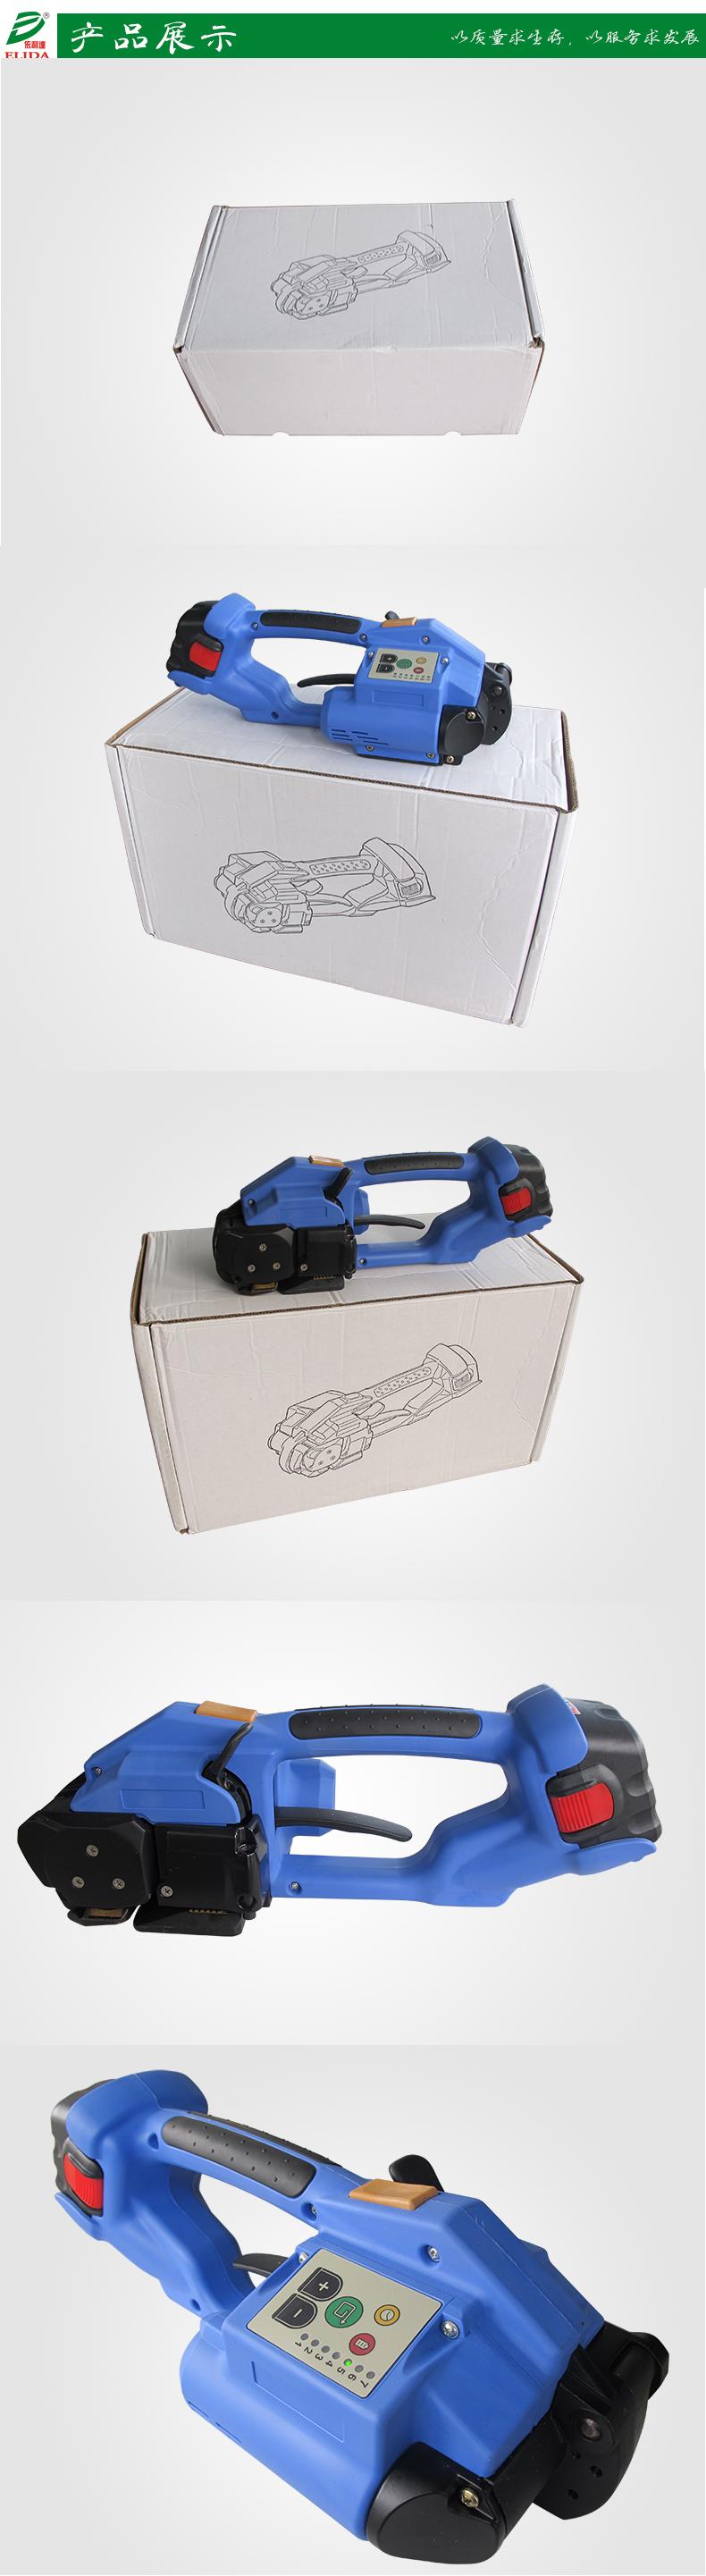 清遠電式打包機樂昌塑鋼帶打包機72422445